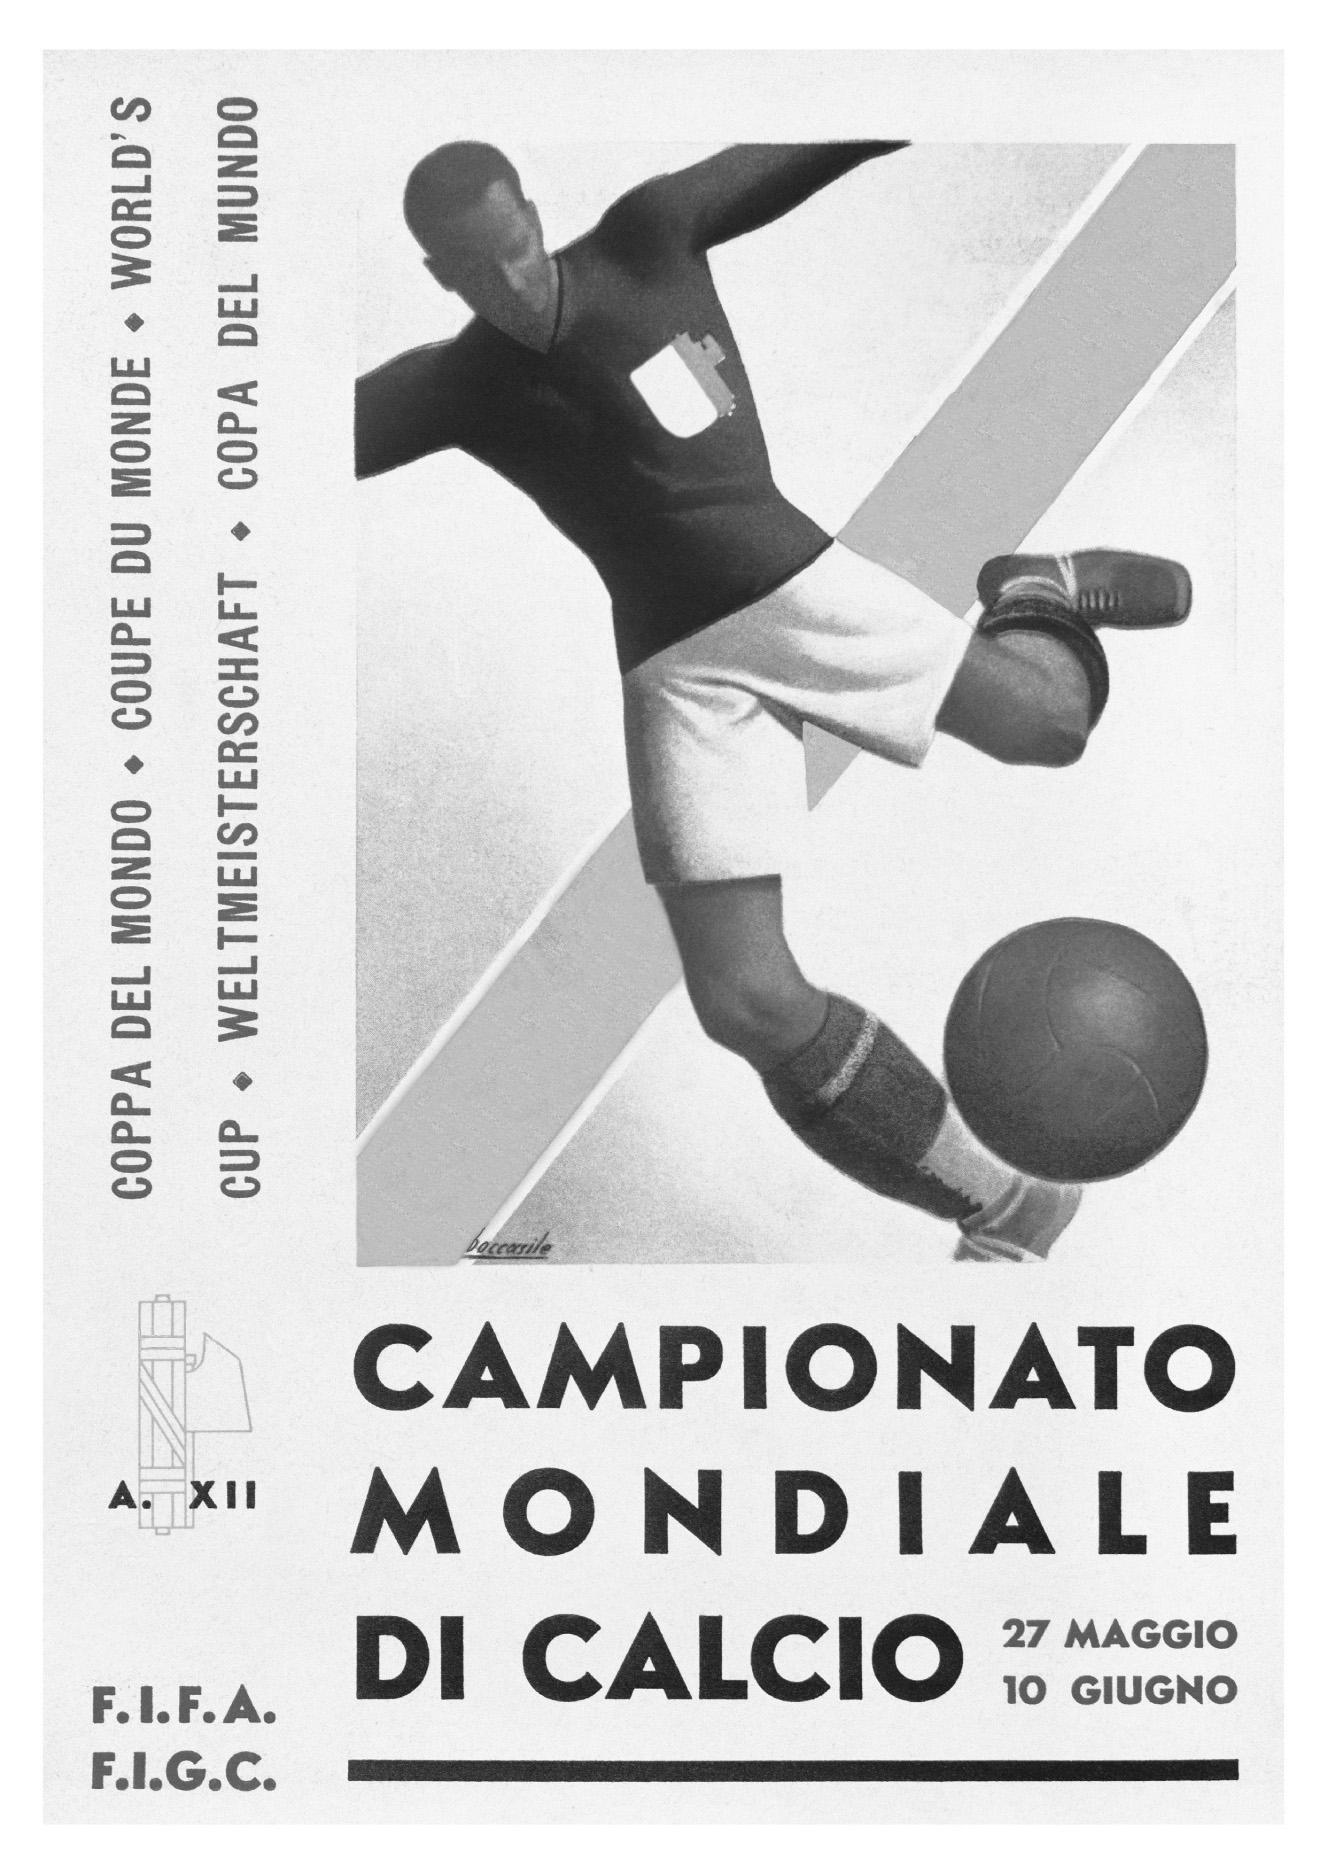 CAMPIONATO MONDIALE DI CALCIO 27 MAGGIO 10 GIUGNO A. XII F.I.F.A. F.I.G.C. COPPA DEL MONDO COUPE DU MONDE WORLD'S CUP WELTMEISTERSCHAFT COPA DEL MUNDO